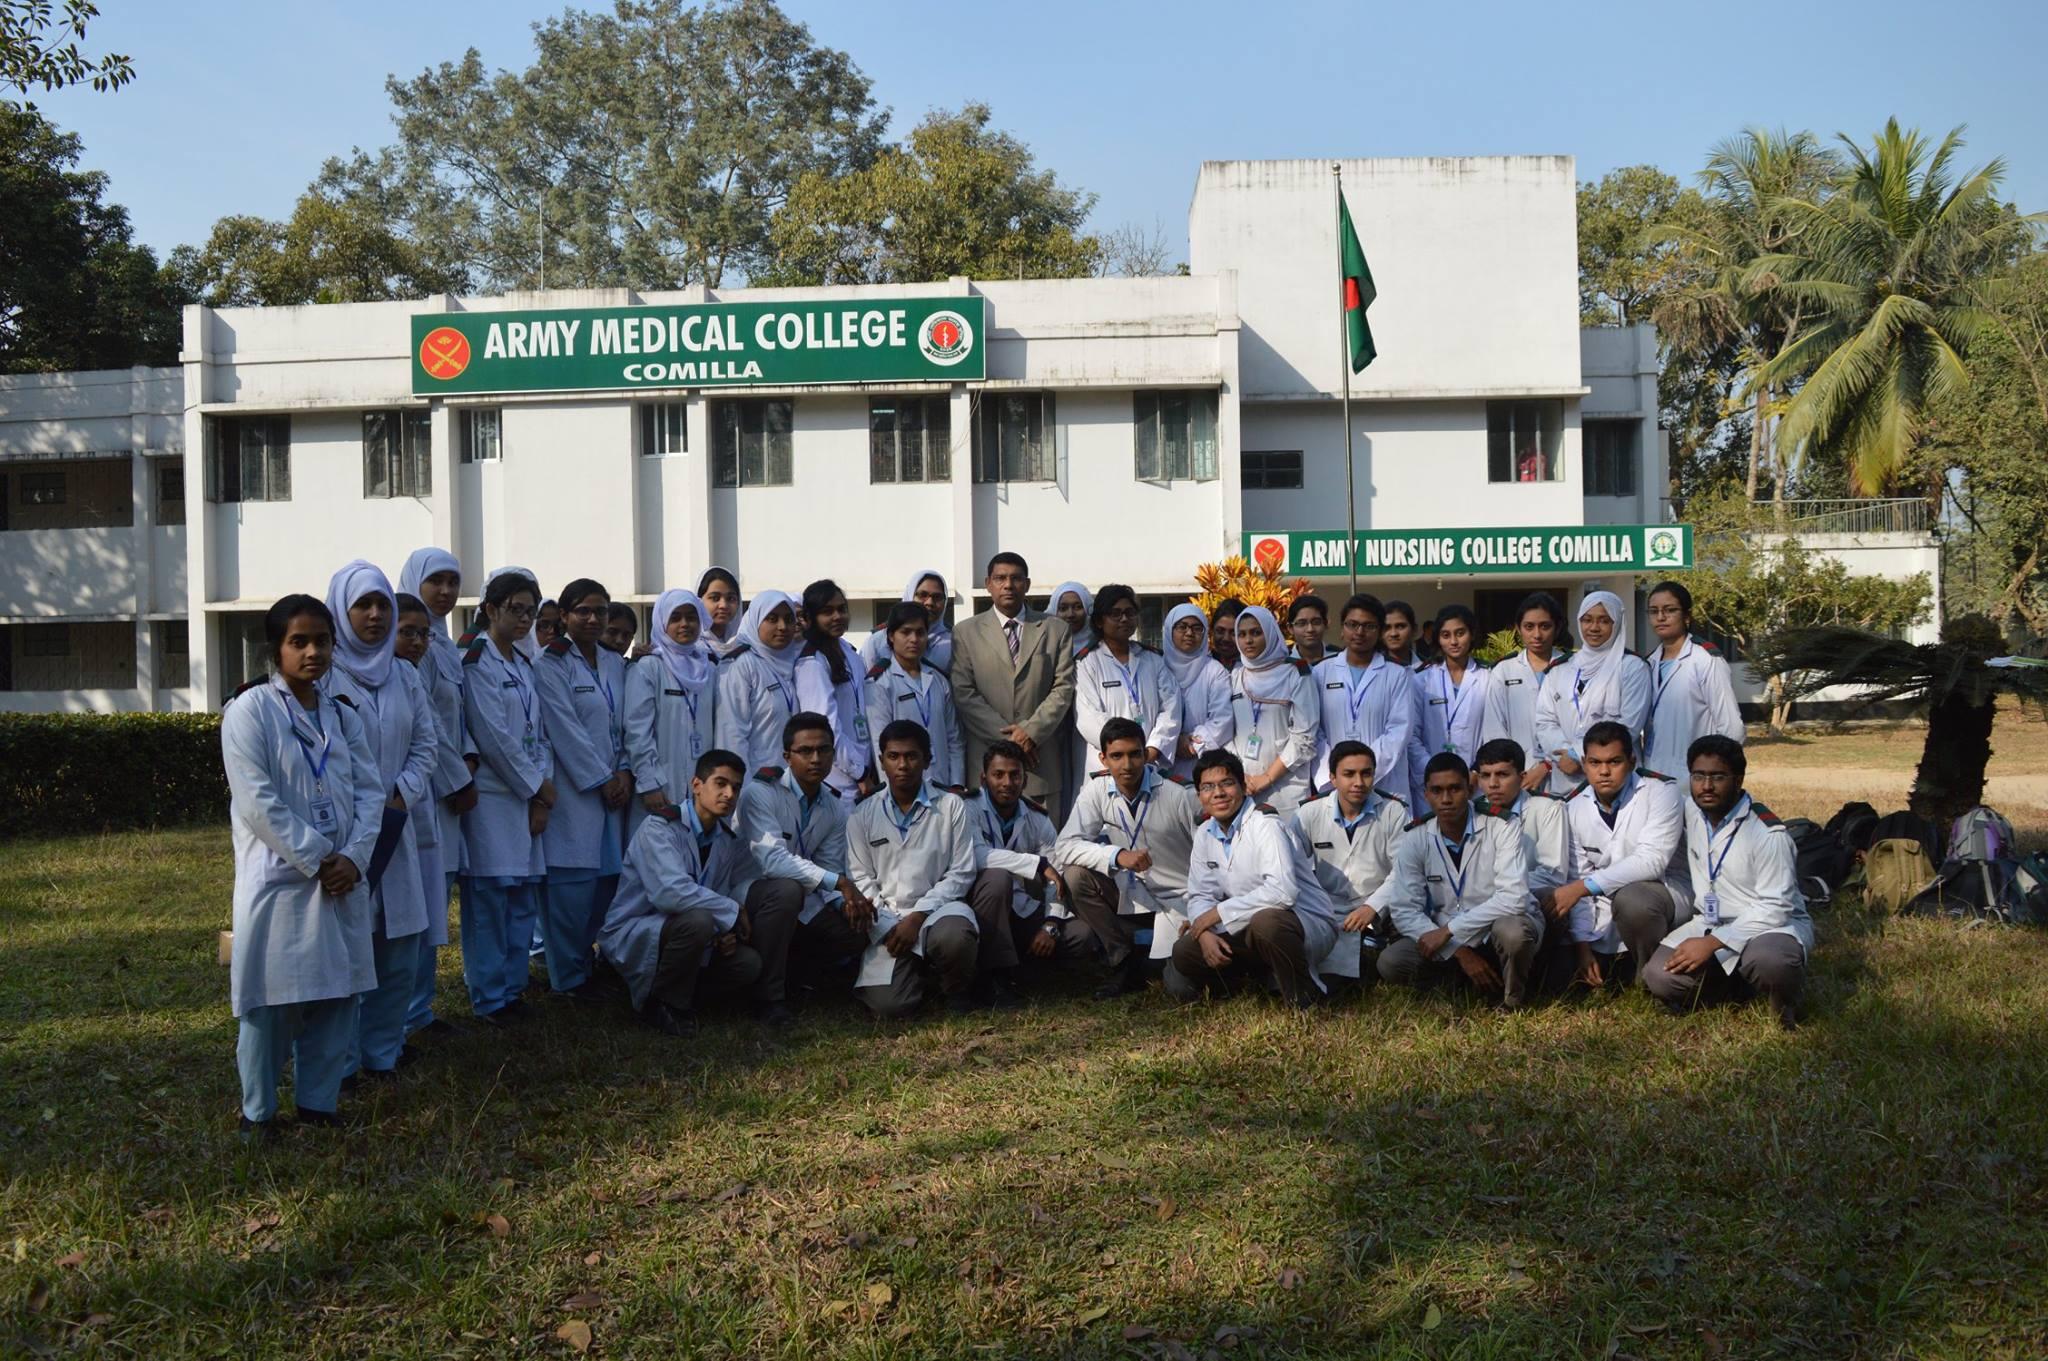 Army Medical College Cumilla